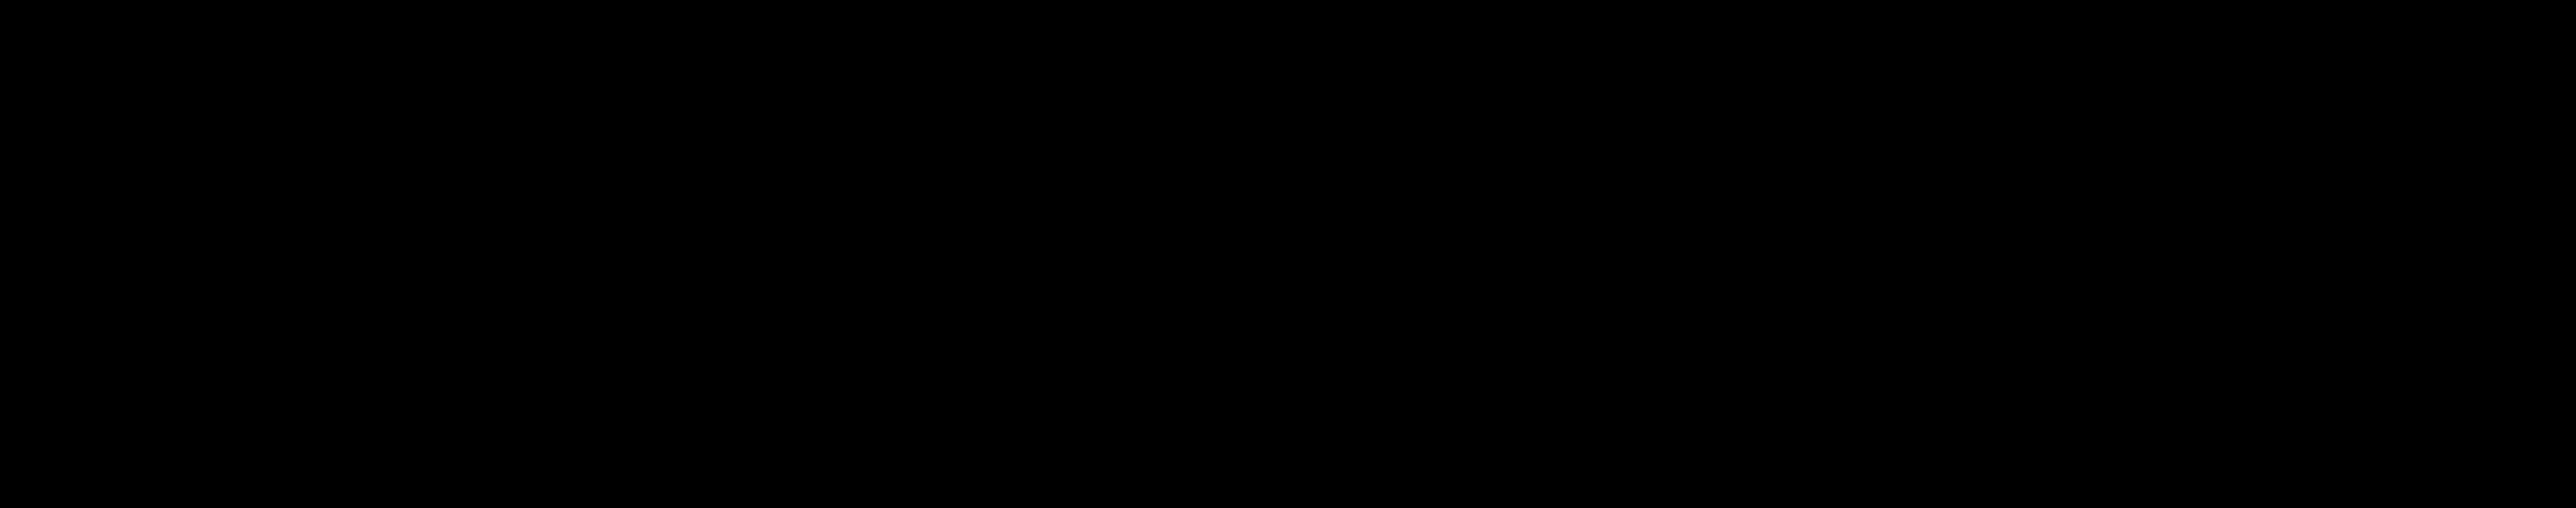 seiko logo 1 - Seiko Logo